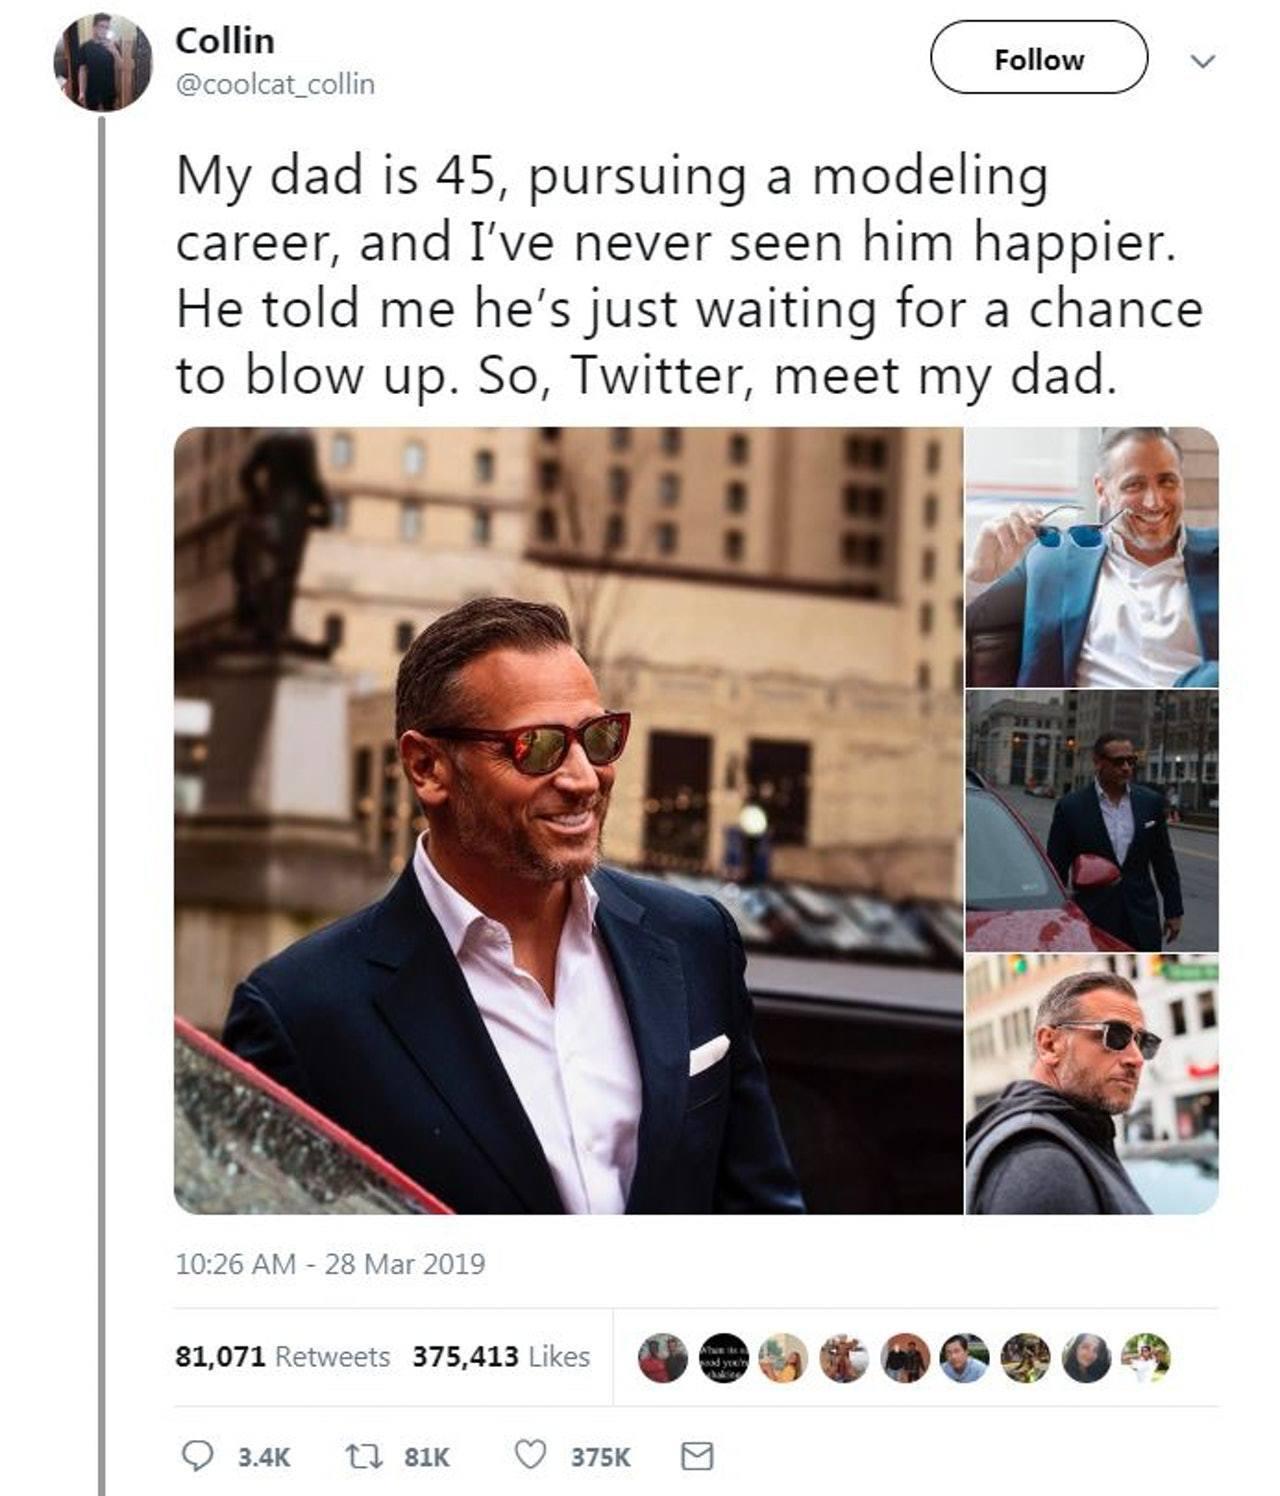 海斯利特的推文獲轉發超過8萬次,錄得37萬多個讚好。圖/翻攝自Twitter